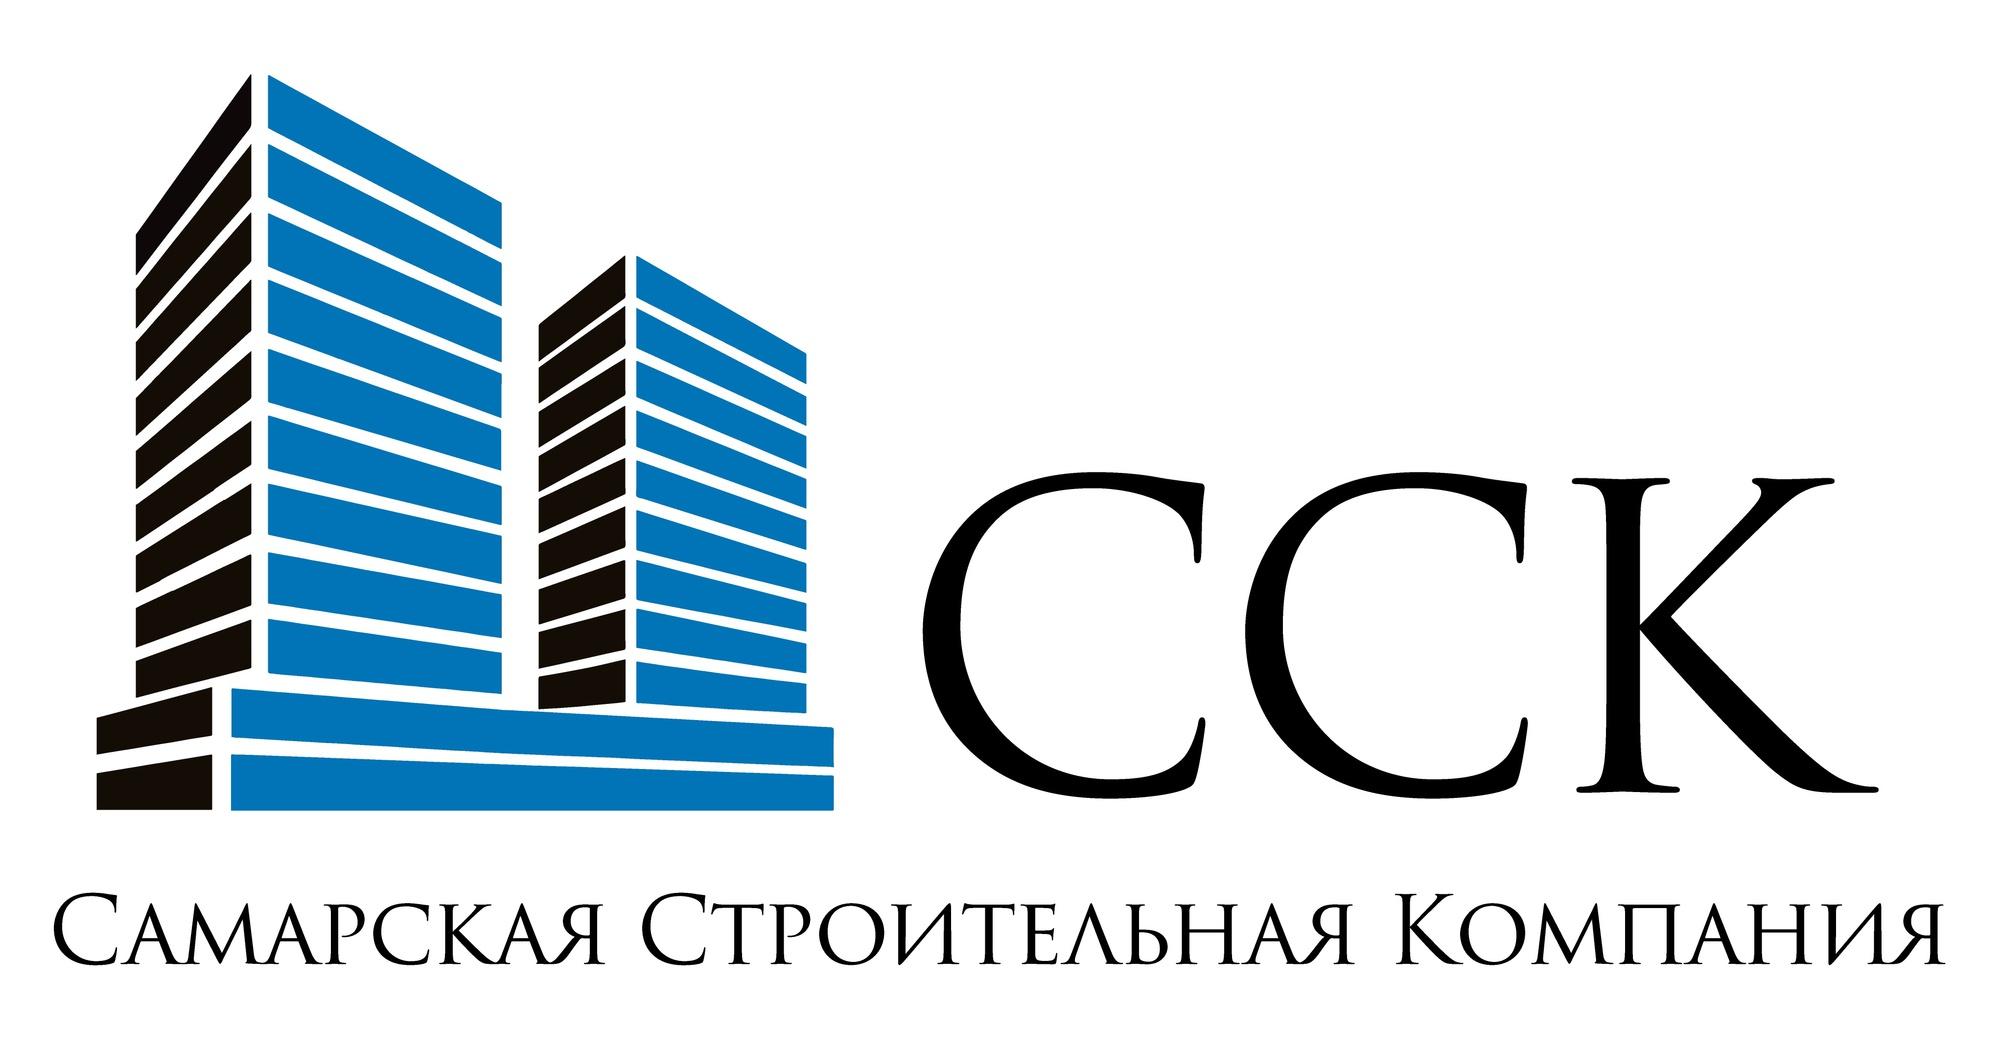 Логотип строительной компании — Brainstorage